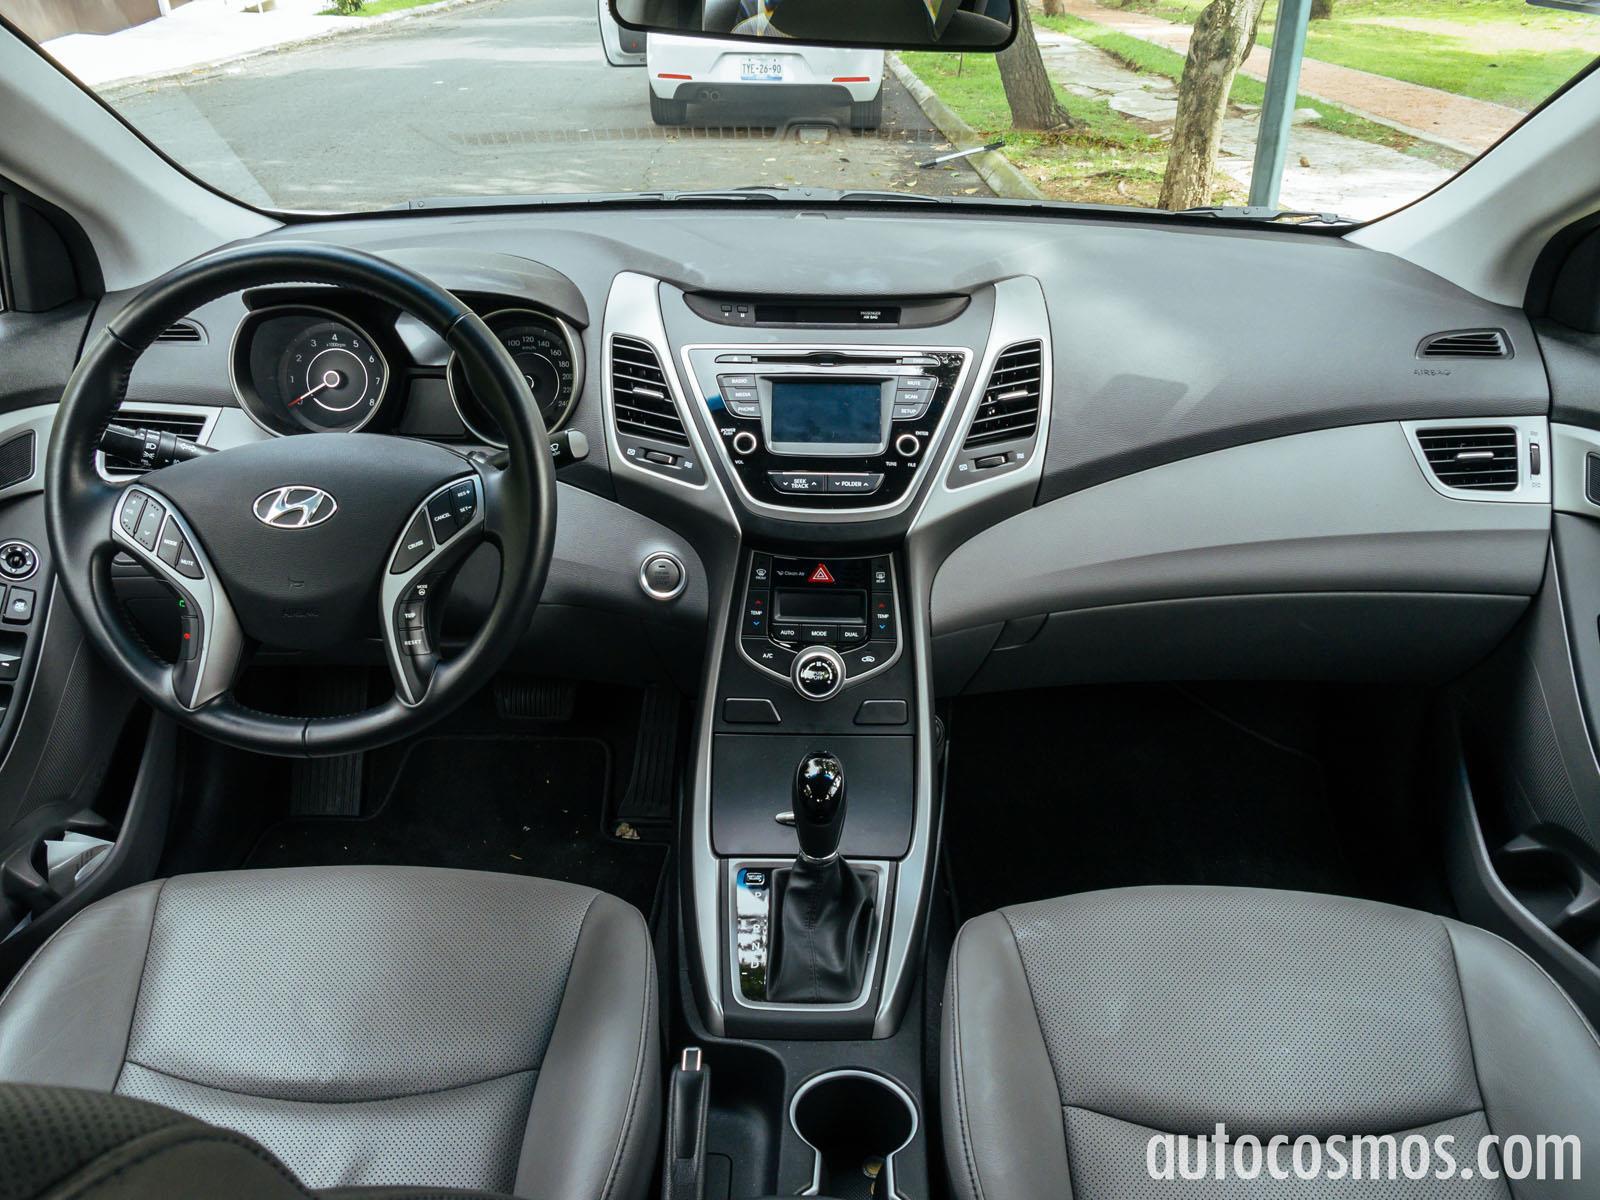 Mazda3 Vs Hyundai Elantra >> Hyundai Elantra 2015 a prueba - Autocosmos.com